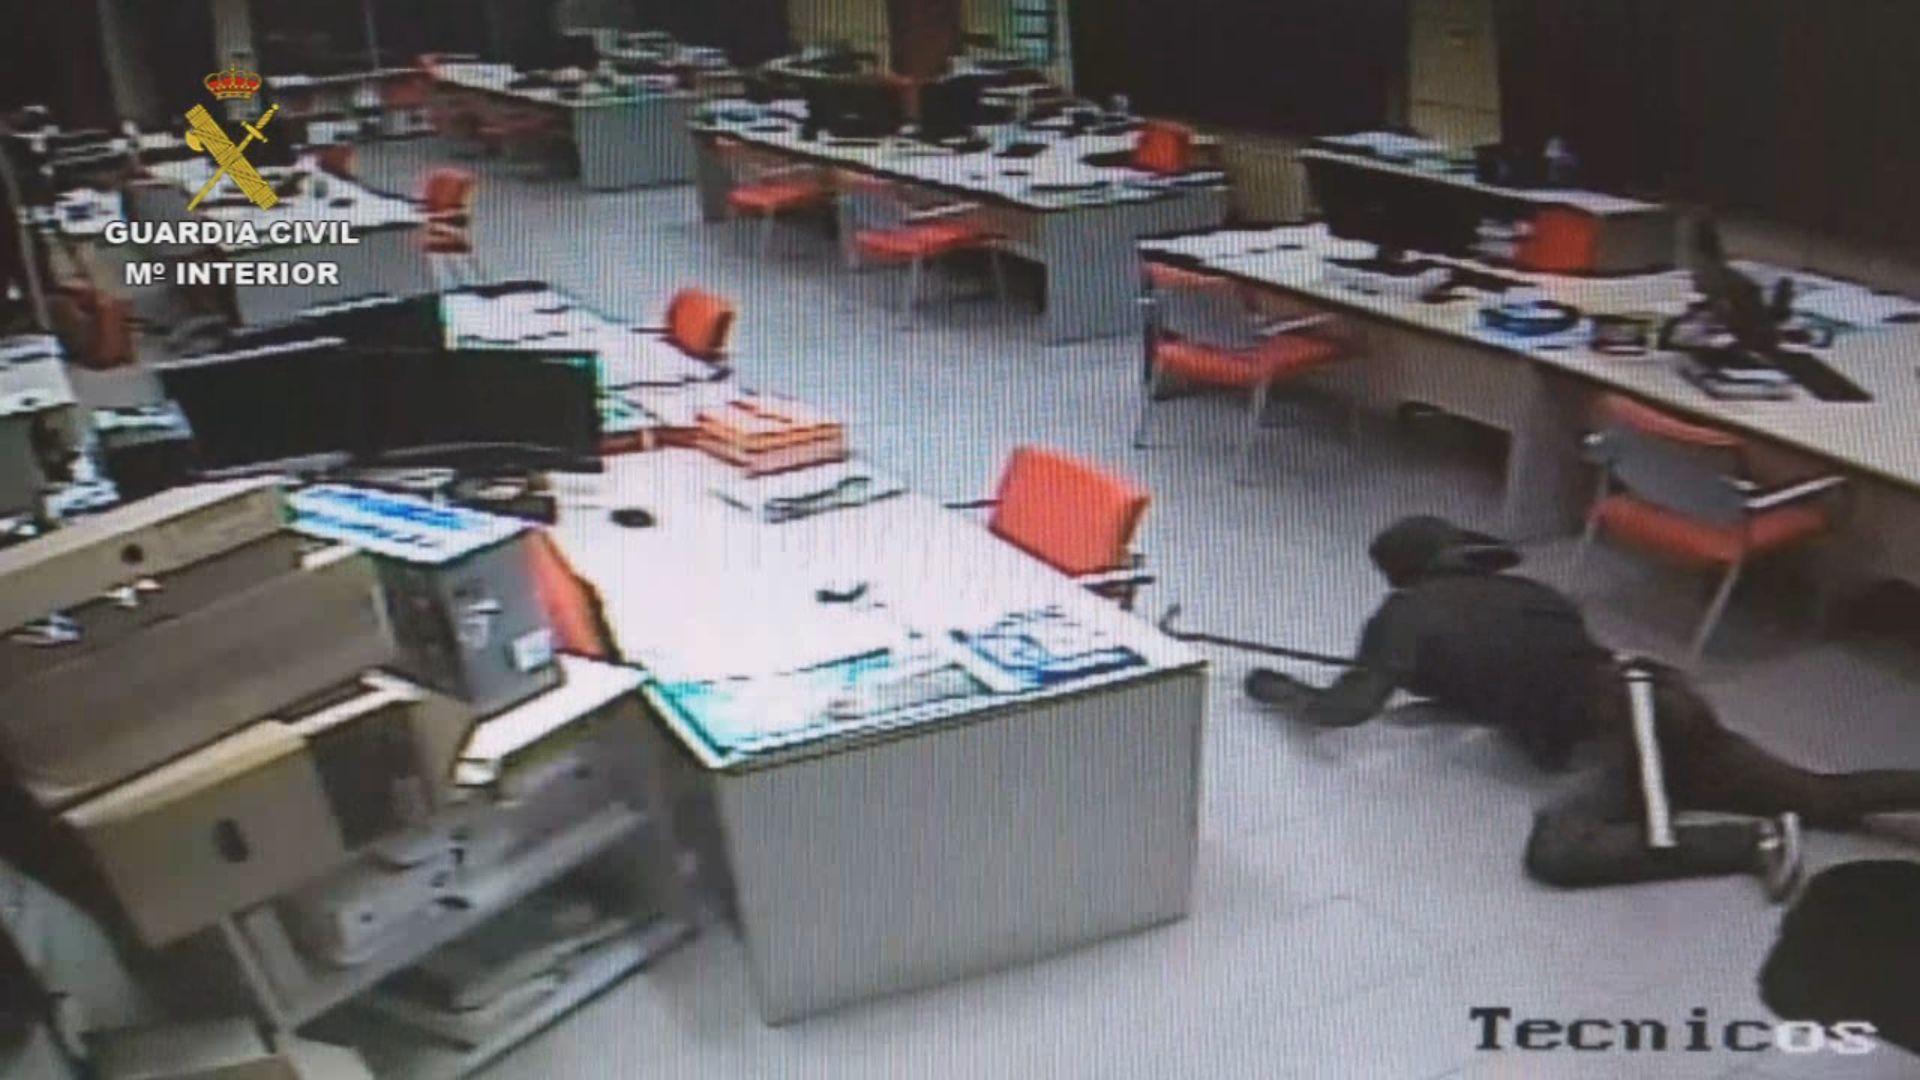 Cámaras de seguridad captan in fraganti a uno de los ladrones.Un operario hace labores de limpieza en un monte pontevedrés